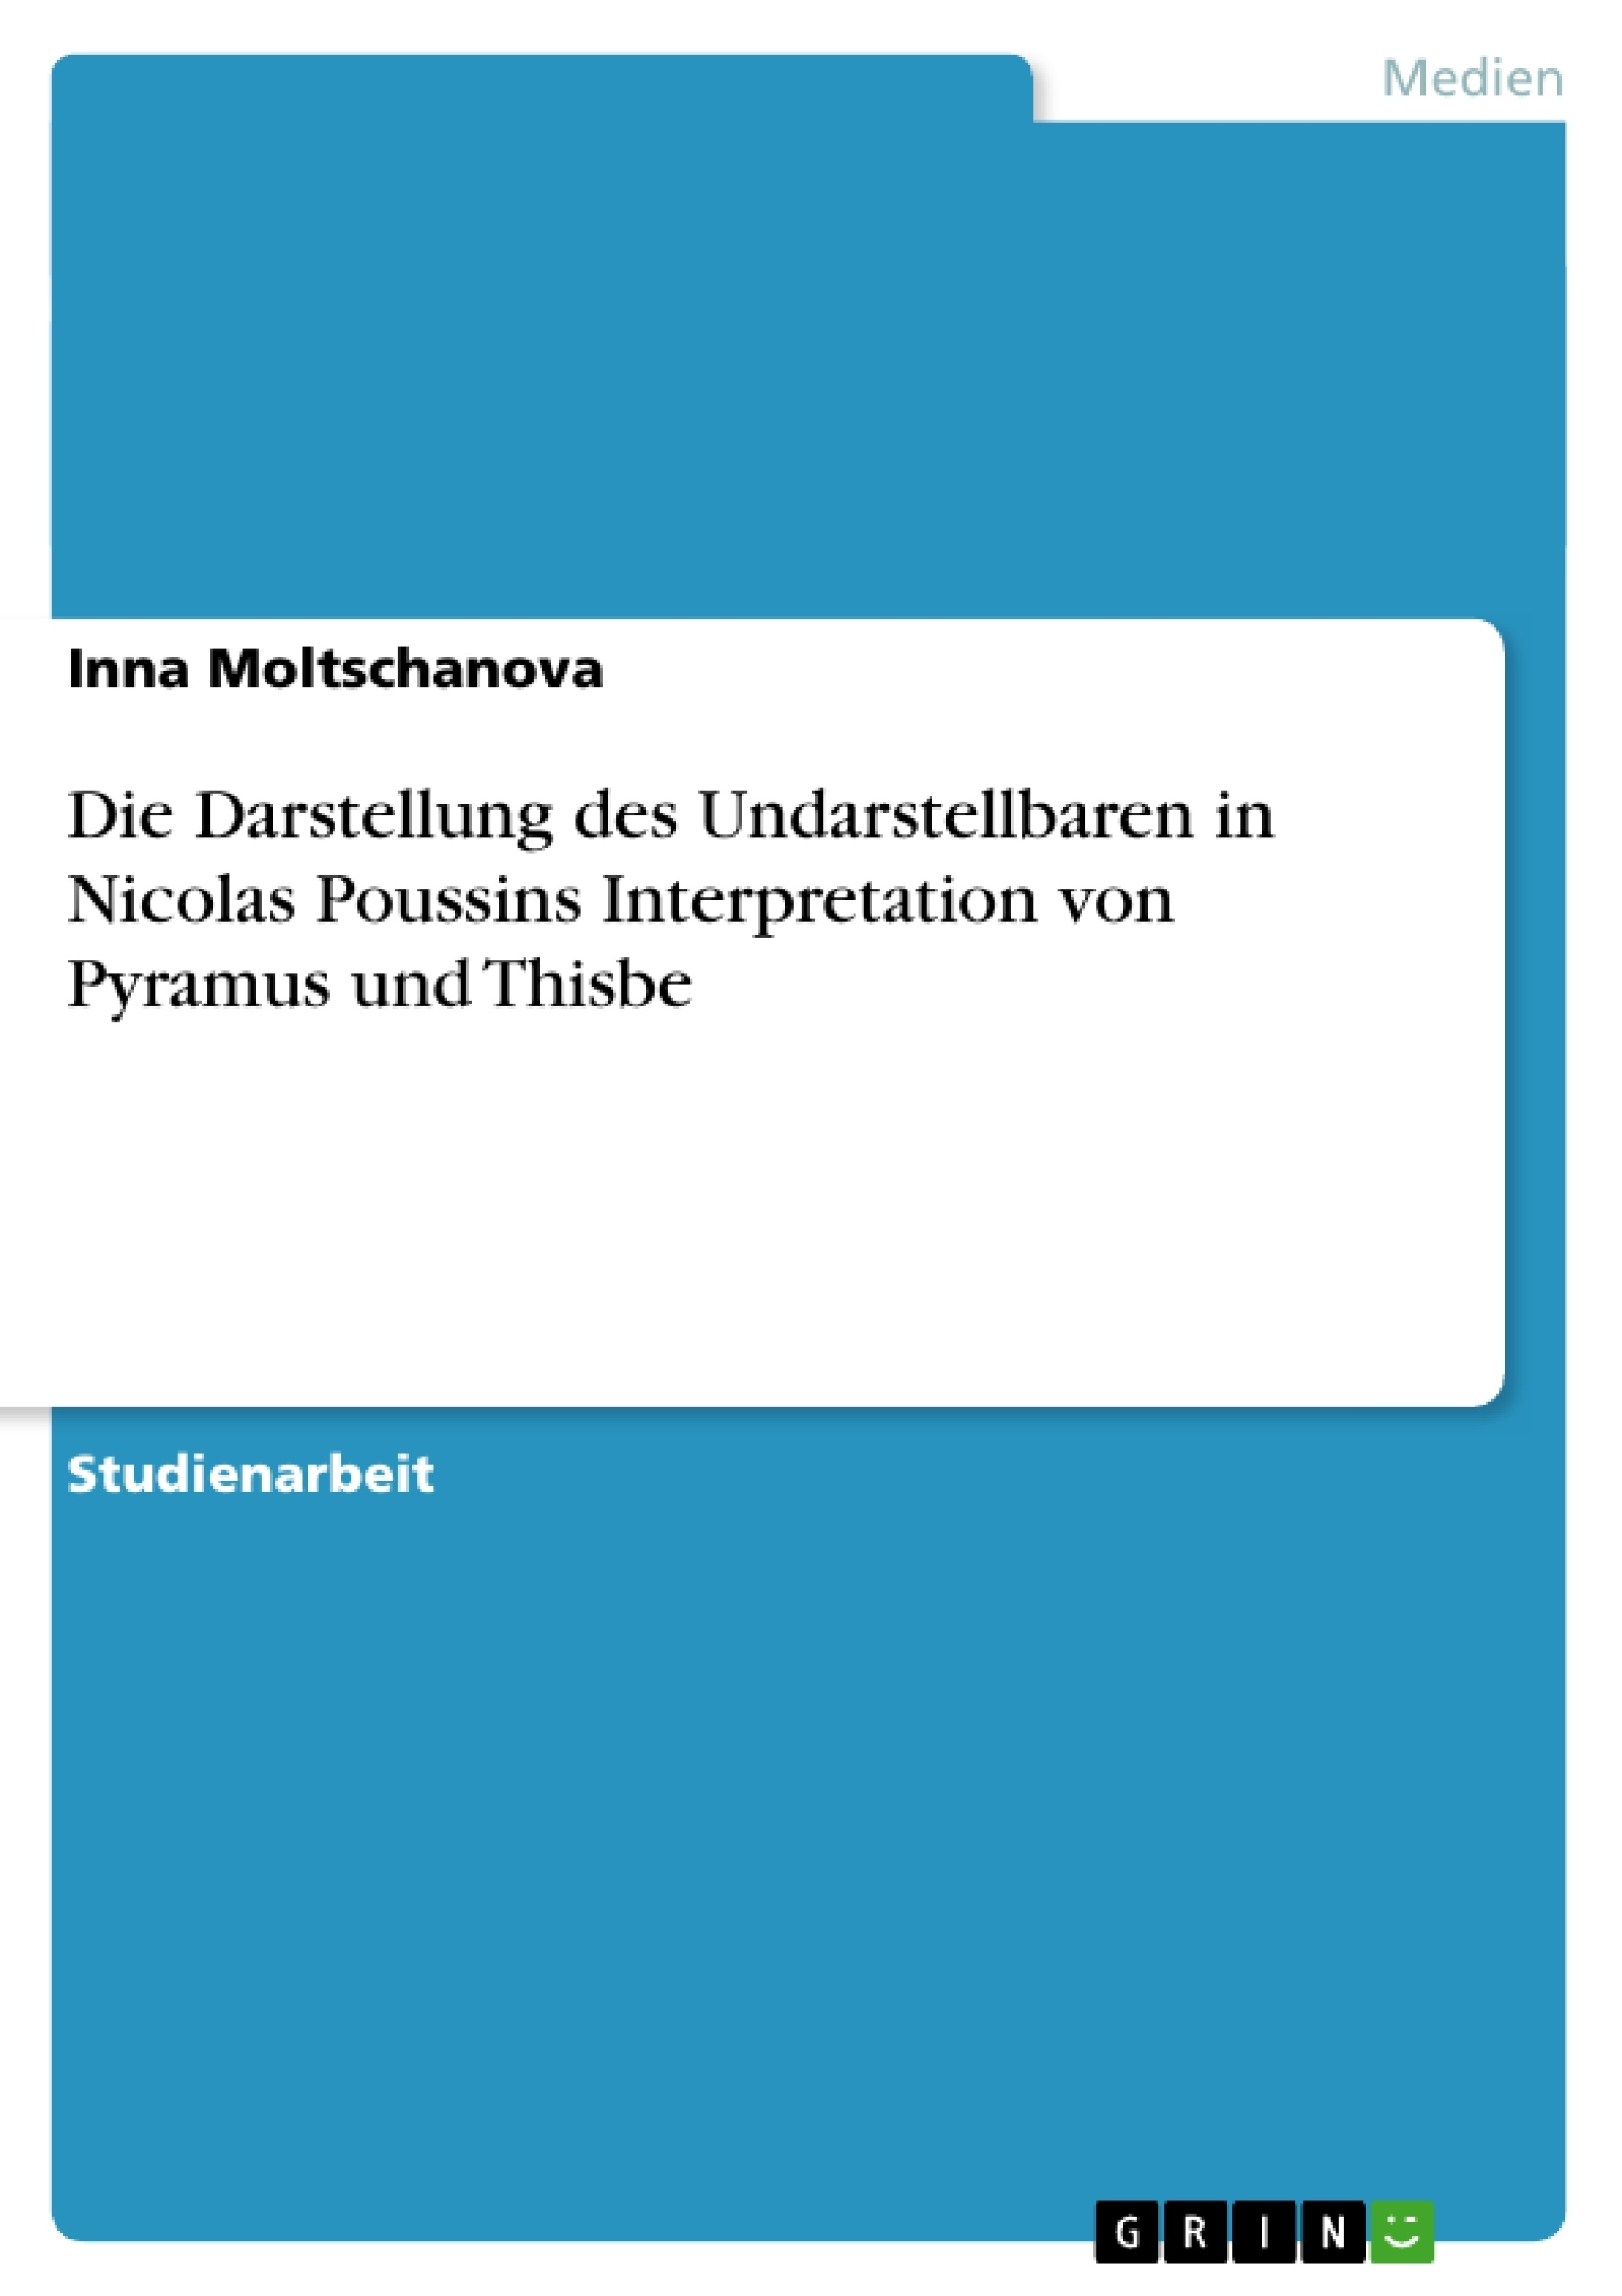 Titel: Die Darstellung des Undarstellbaren in Nicolas Poussins Interpretation von Pyramus und Thisbe